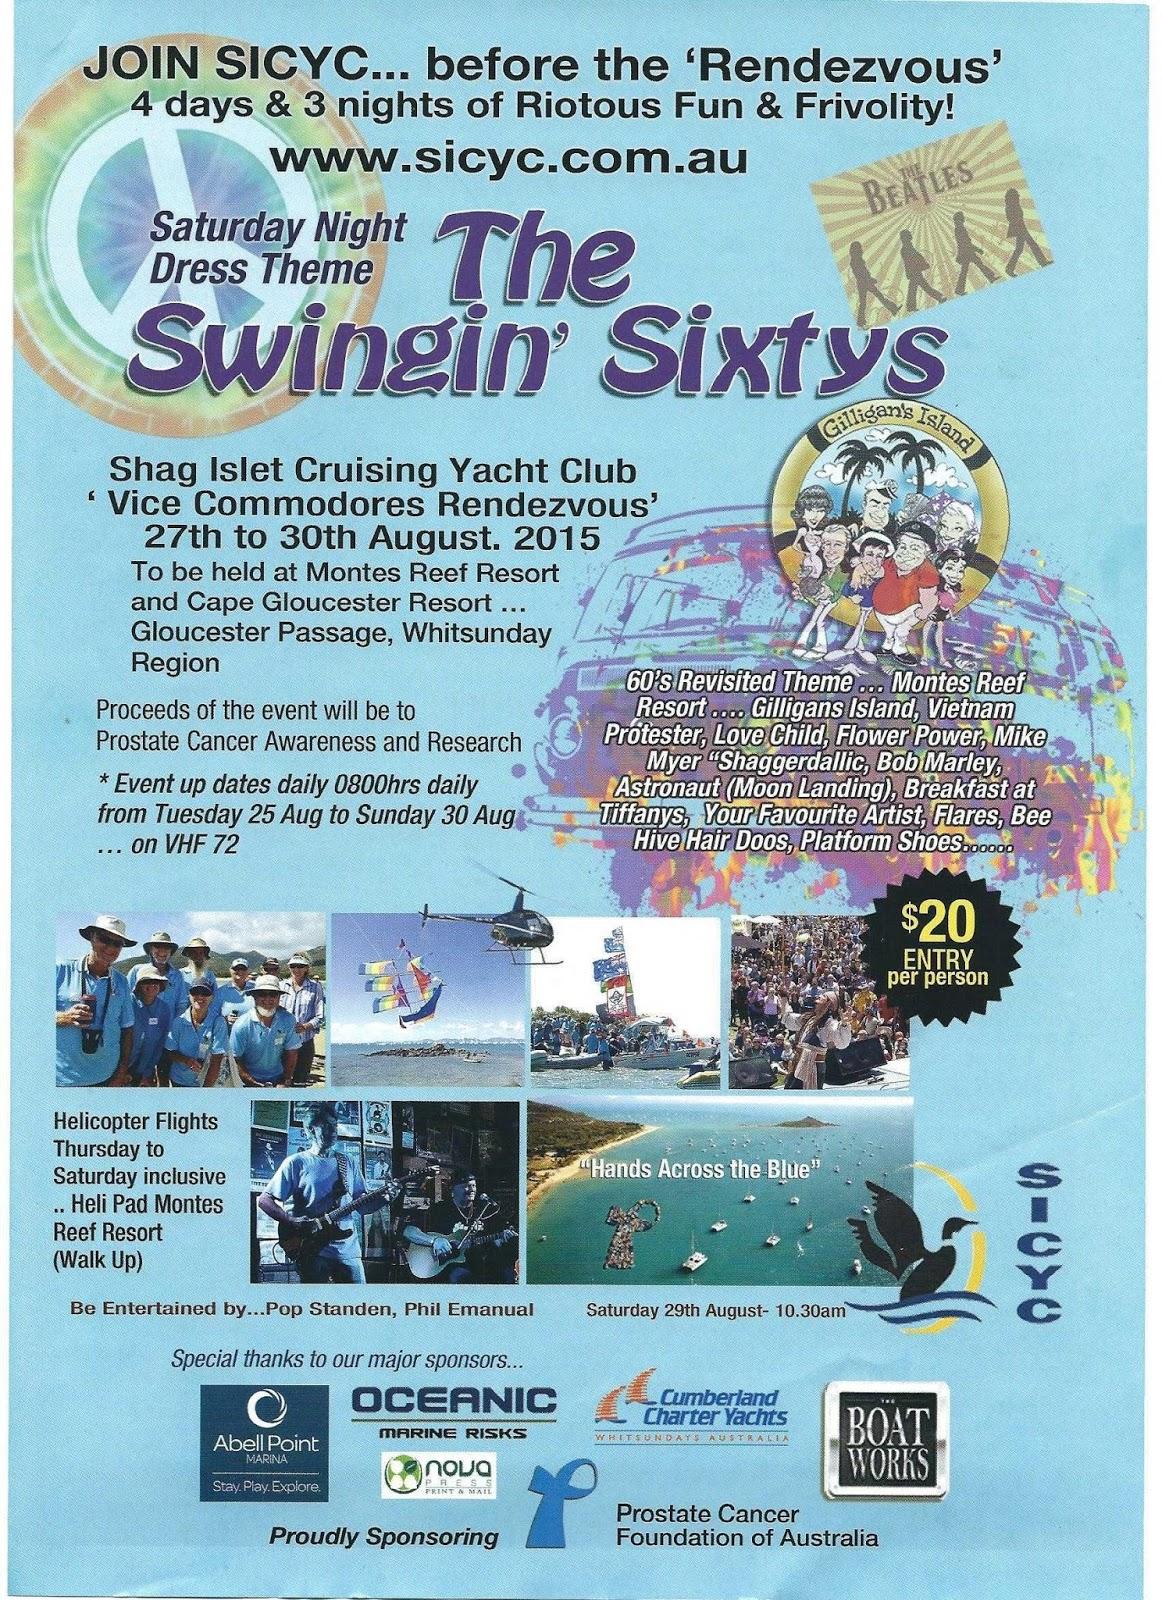 Shag Islet Cruising Yacht Club